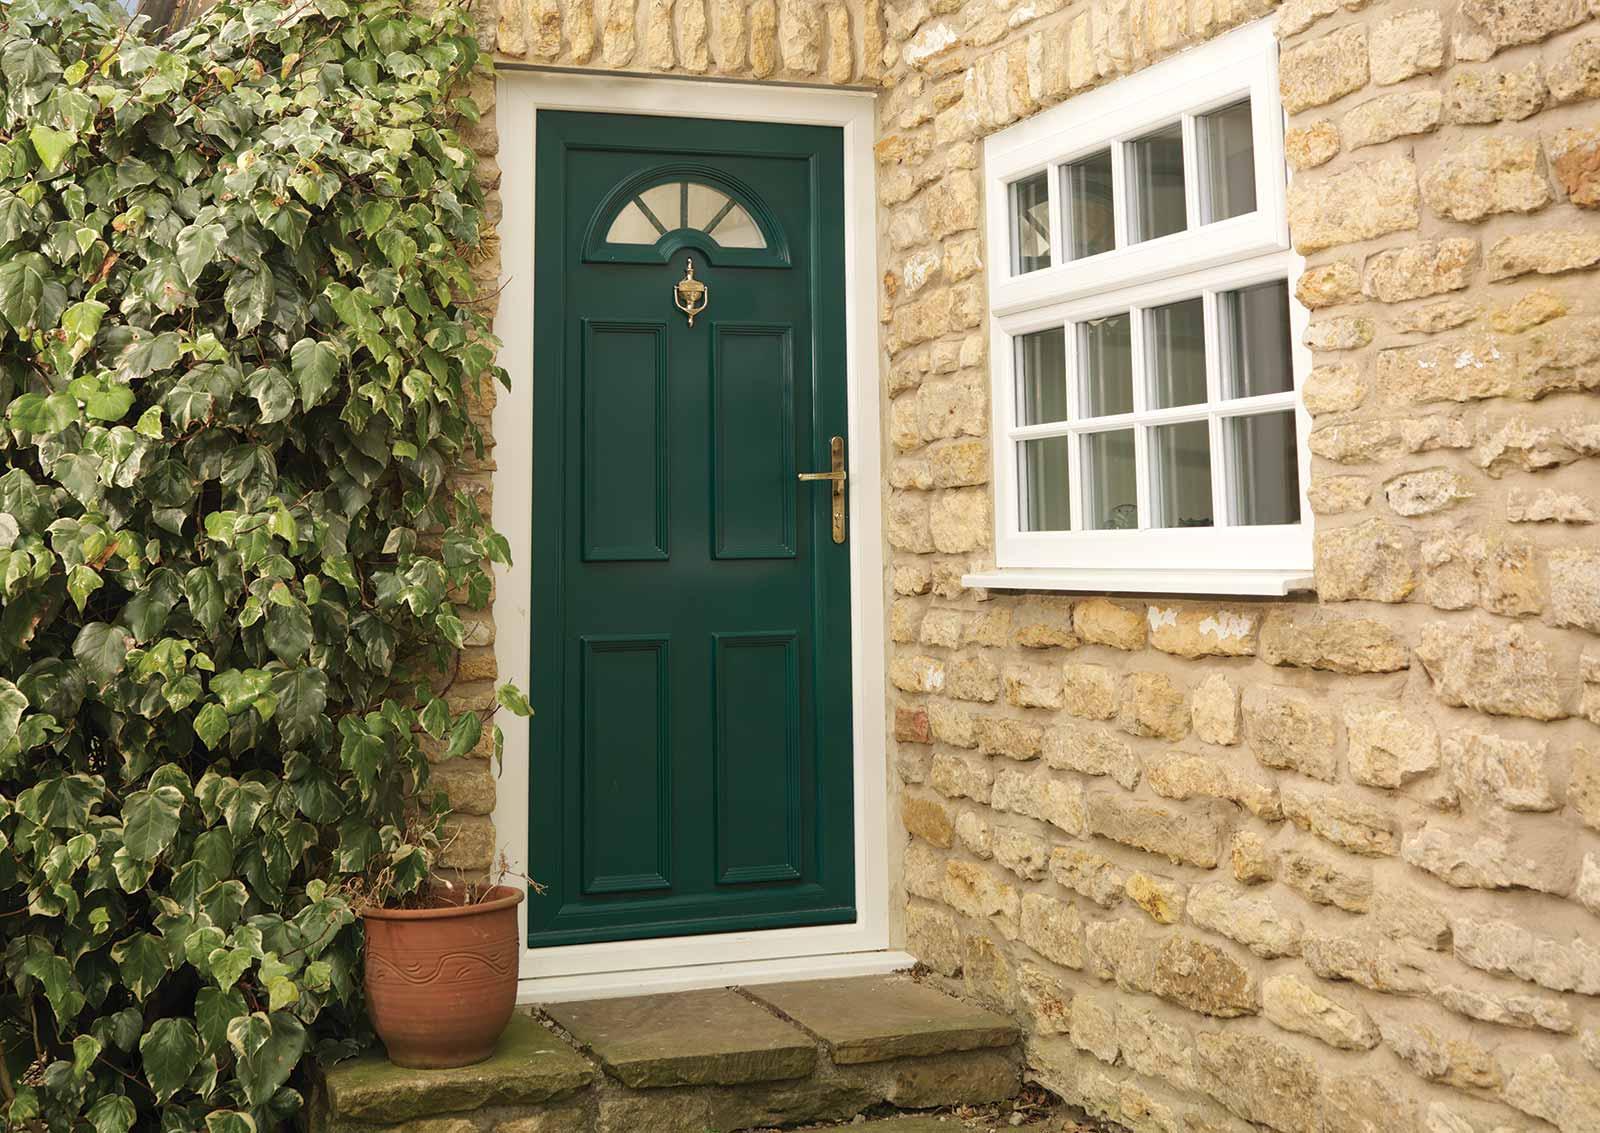 Upvc Windows And Doors : Upvc doors clacton on sea door prices essex